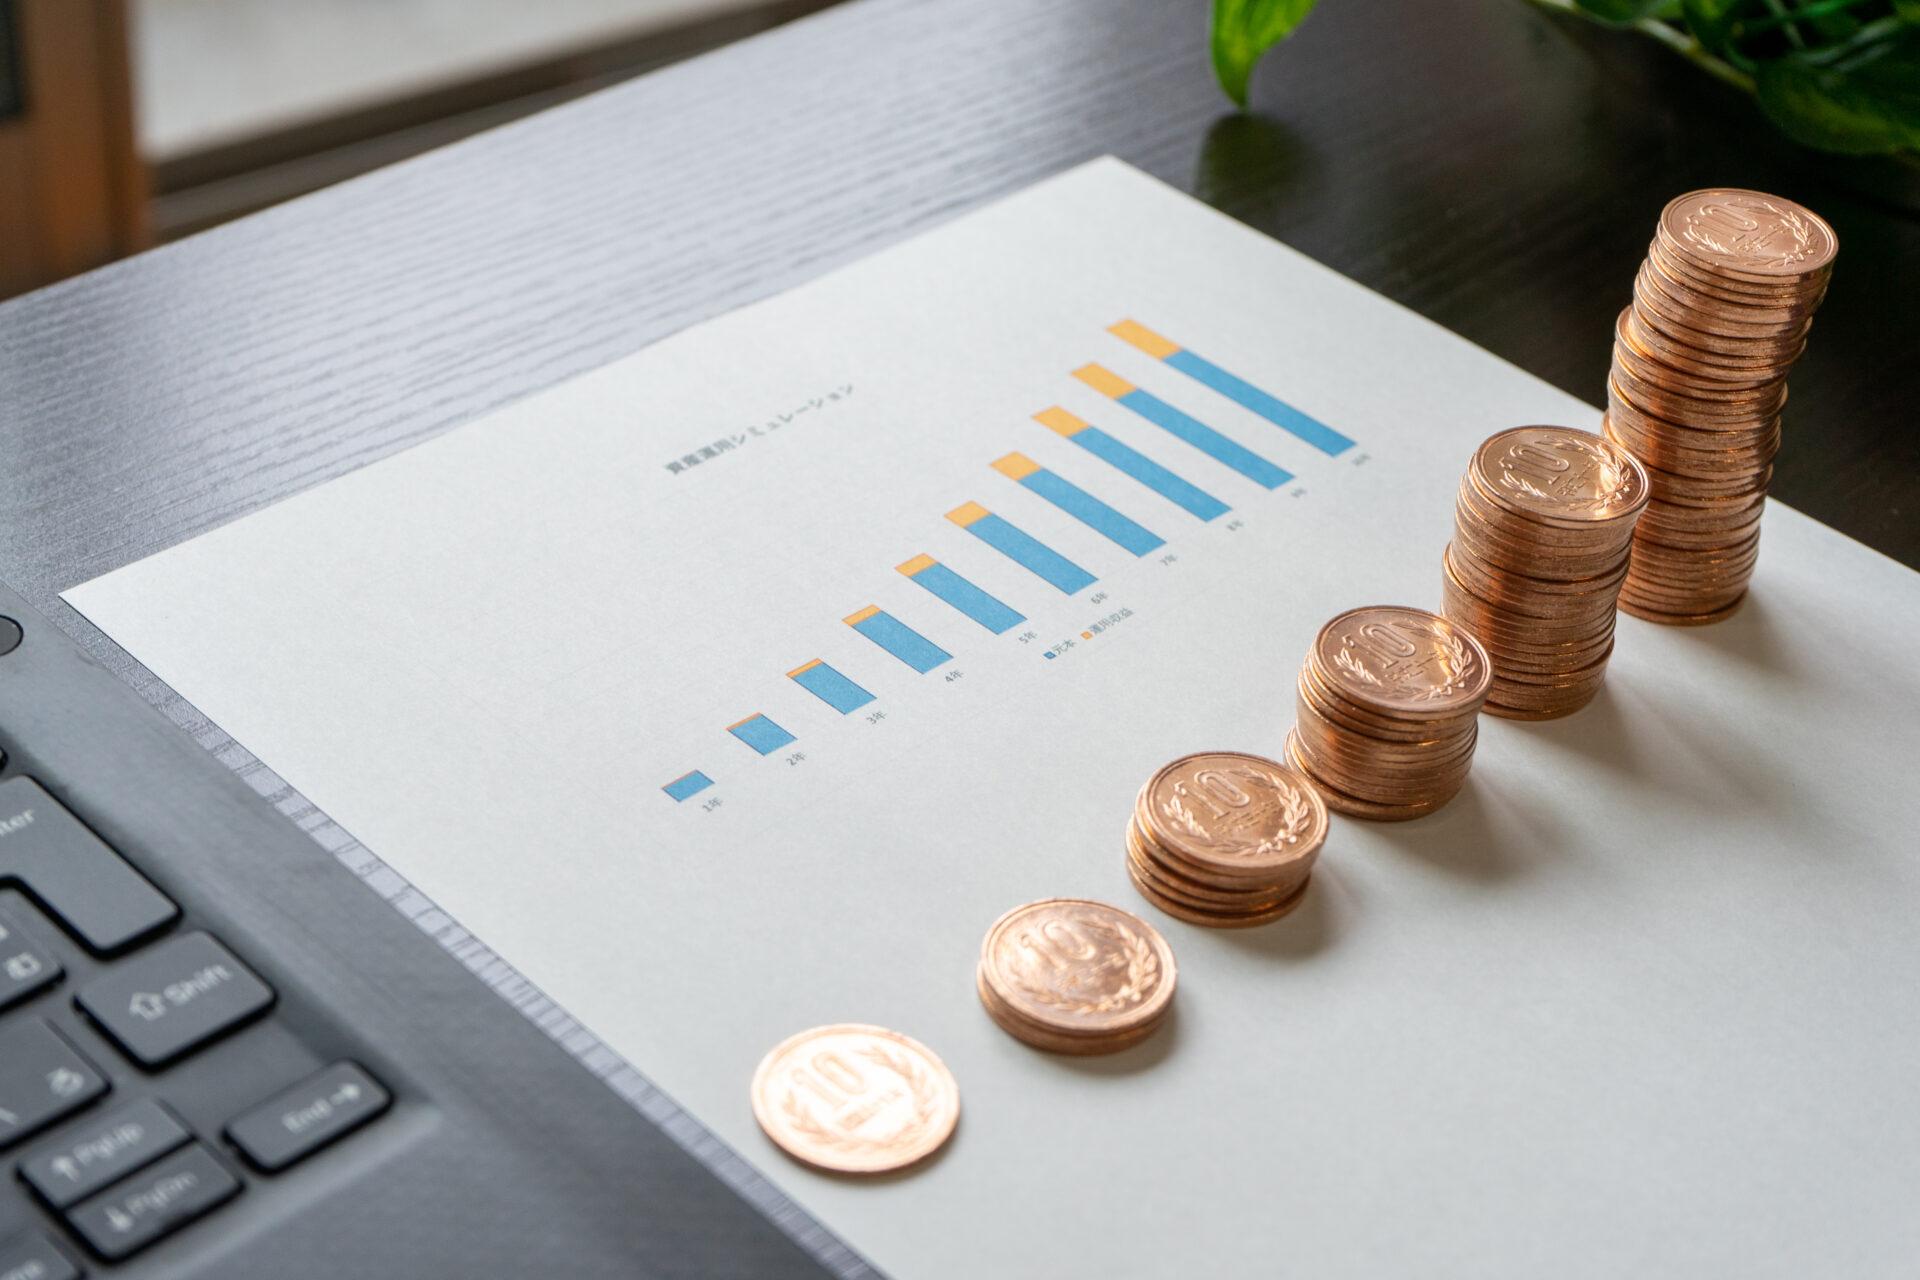 マンション経営の資料とお金